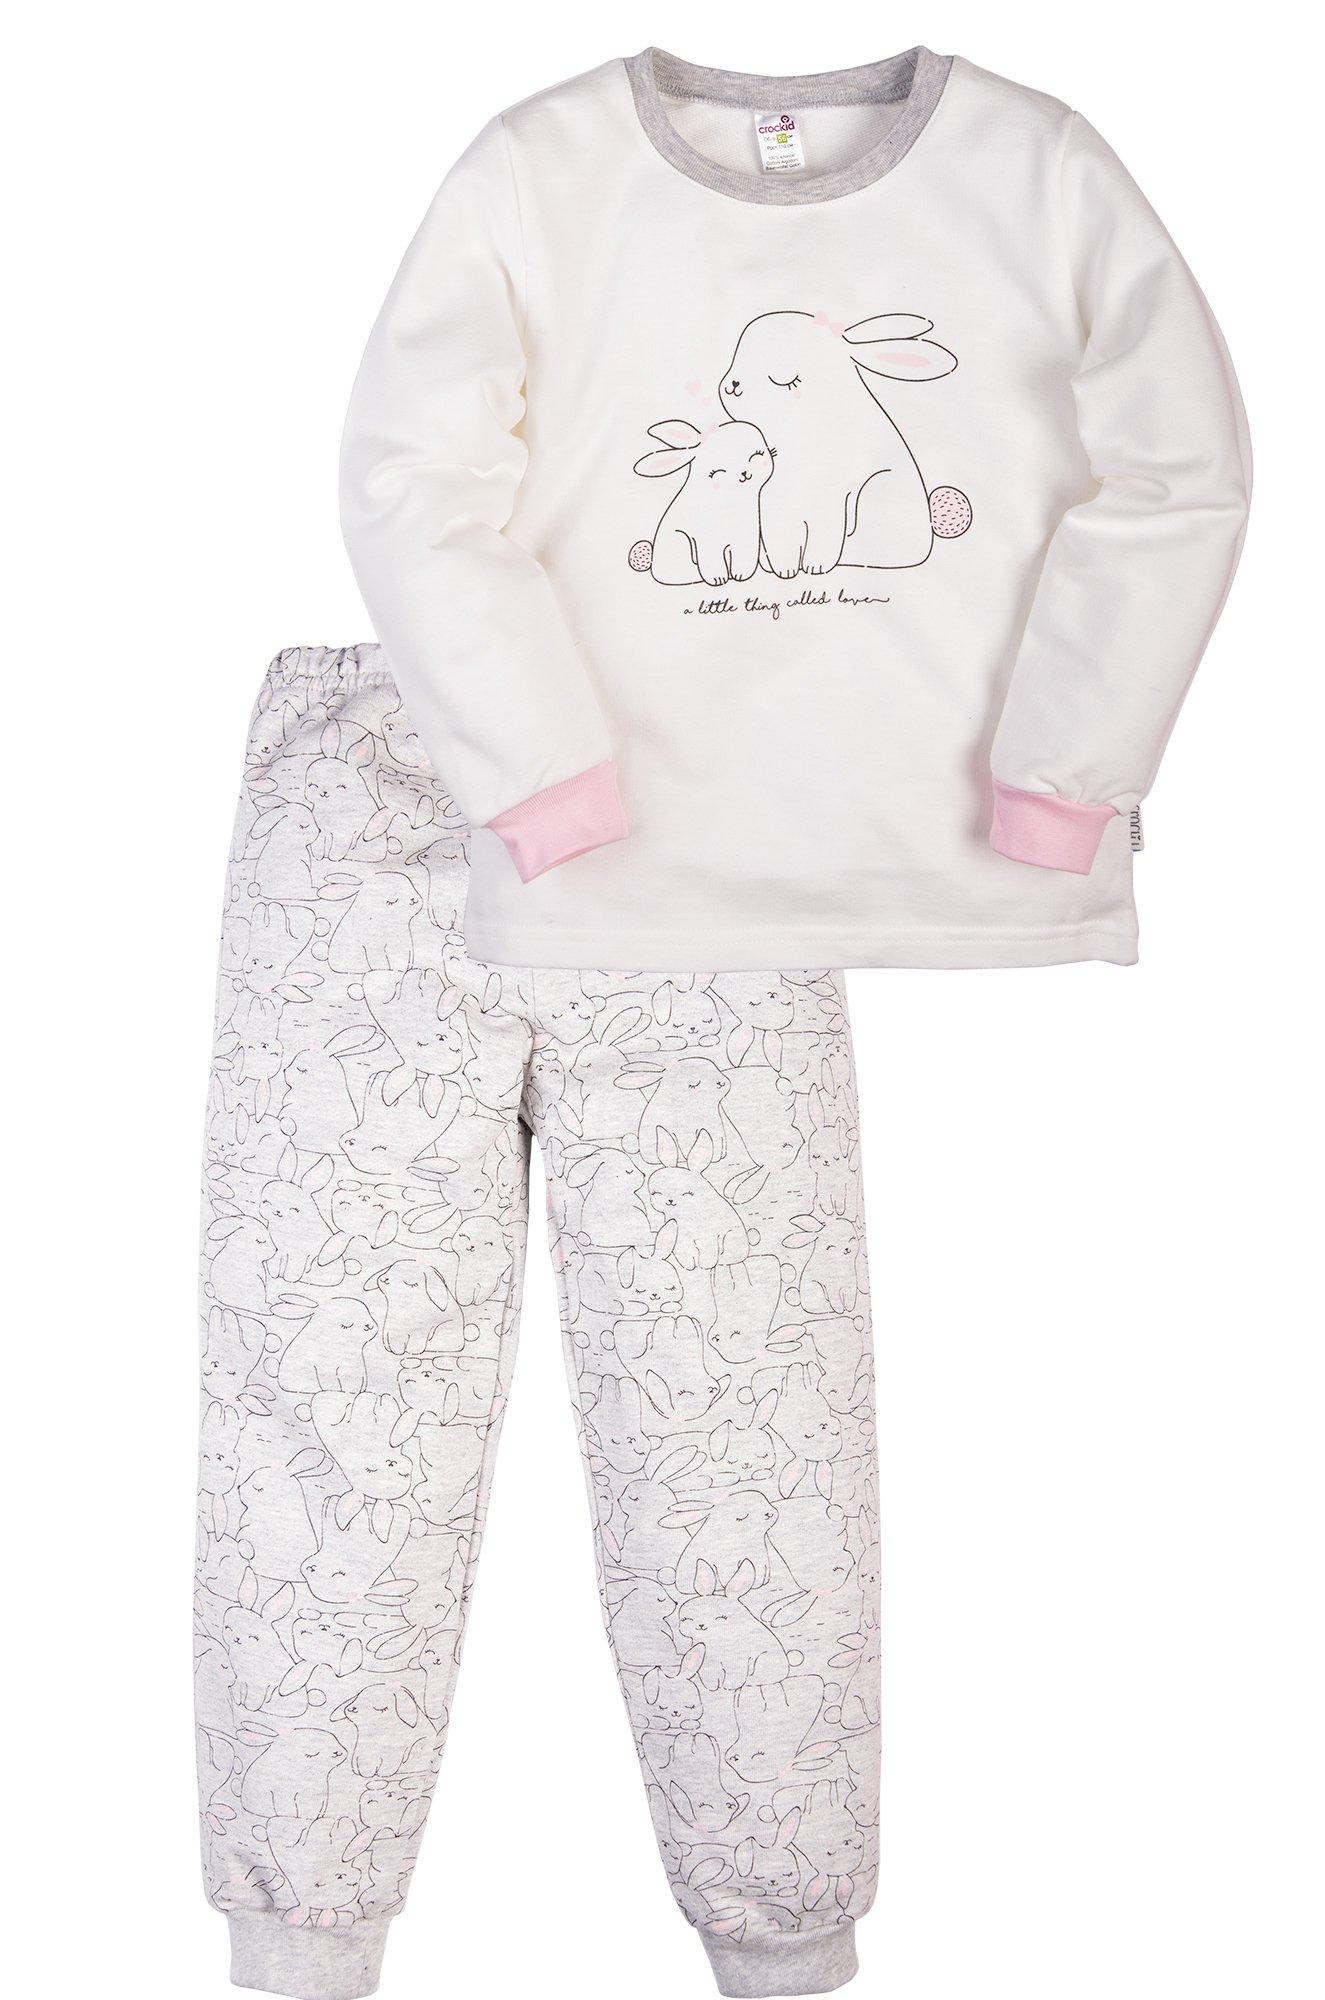 Пижама для девочки Crockid купить оптом в интернет-магазине Happywear.ru 6ea115626c82d